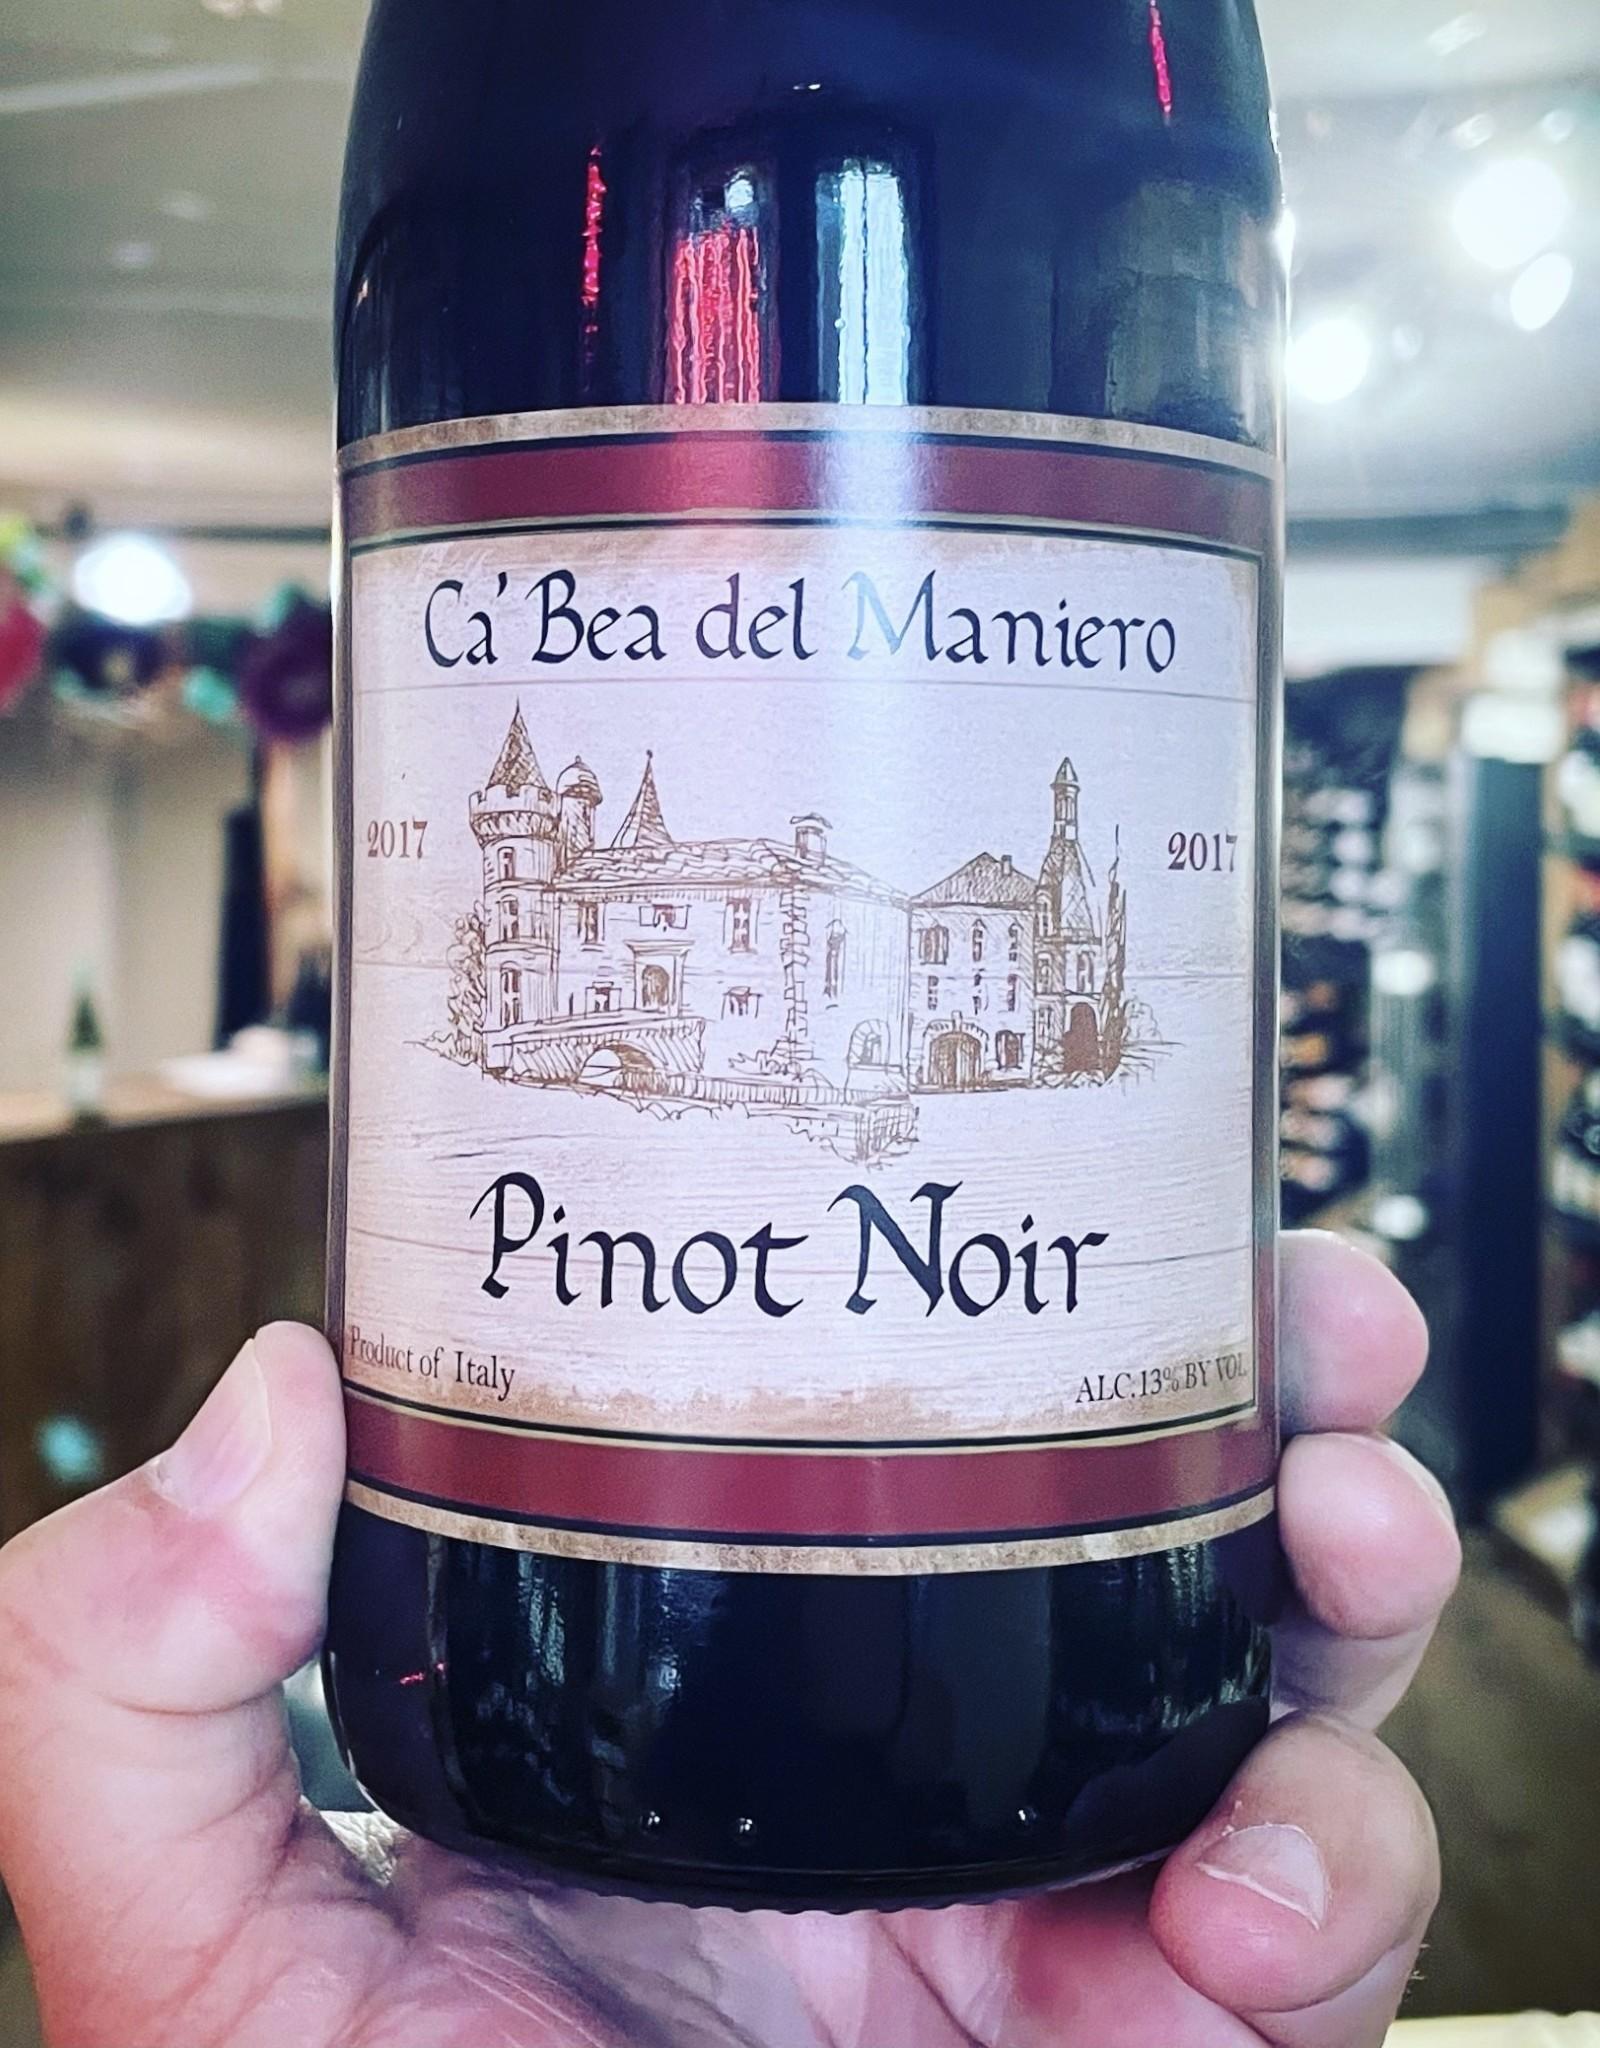 Ca' Bea del Maniero Tre Secoli Ca' Bea del Maniero Pinot Noir